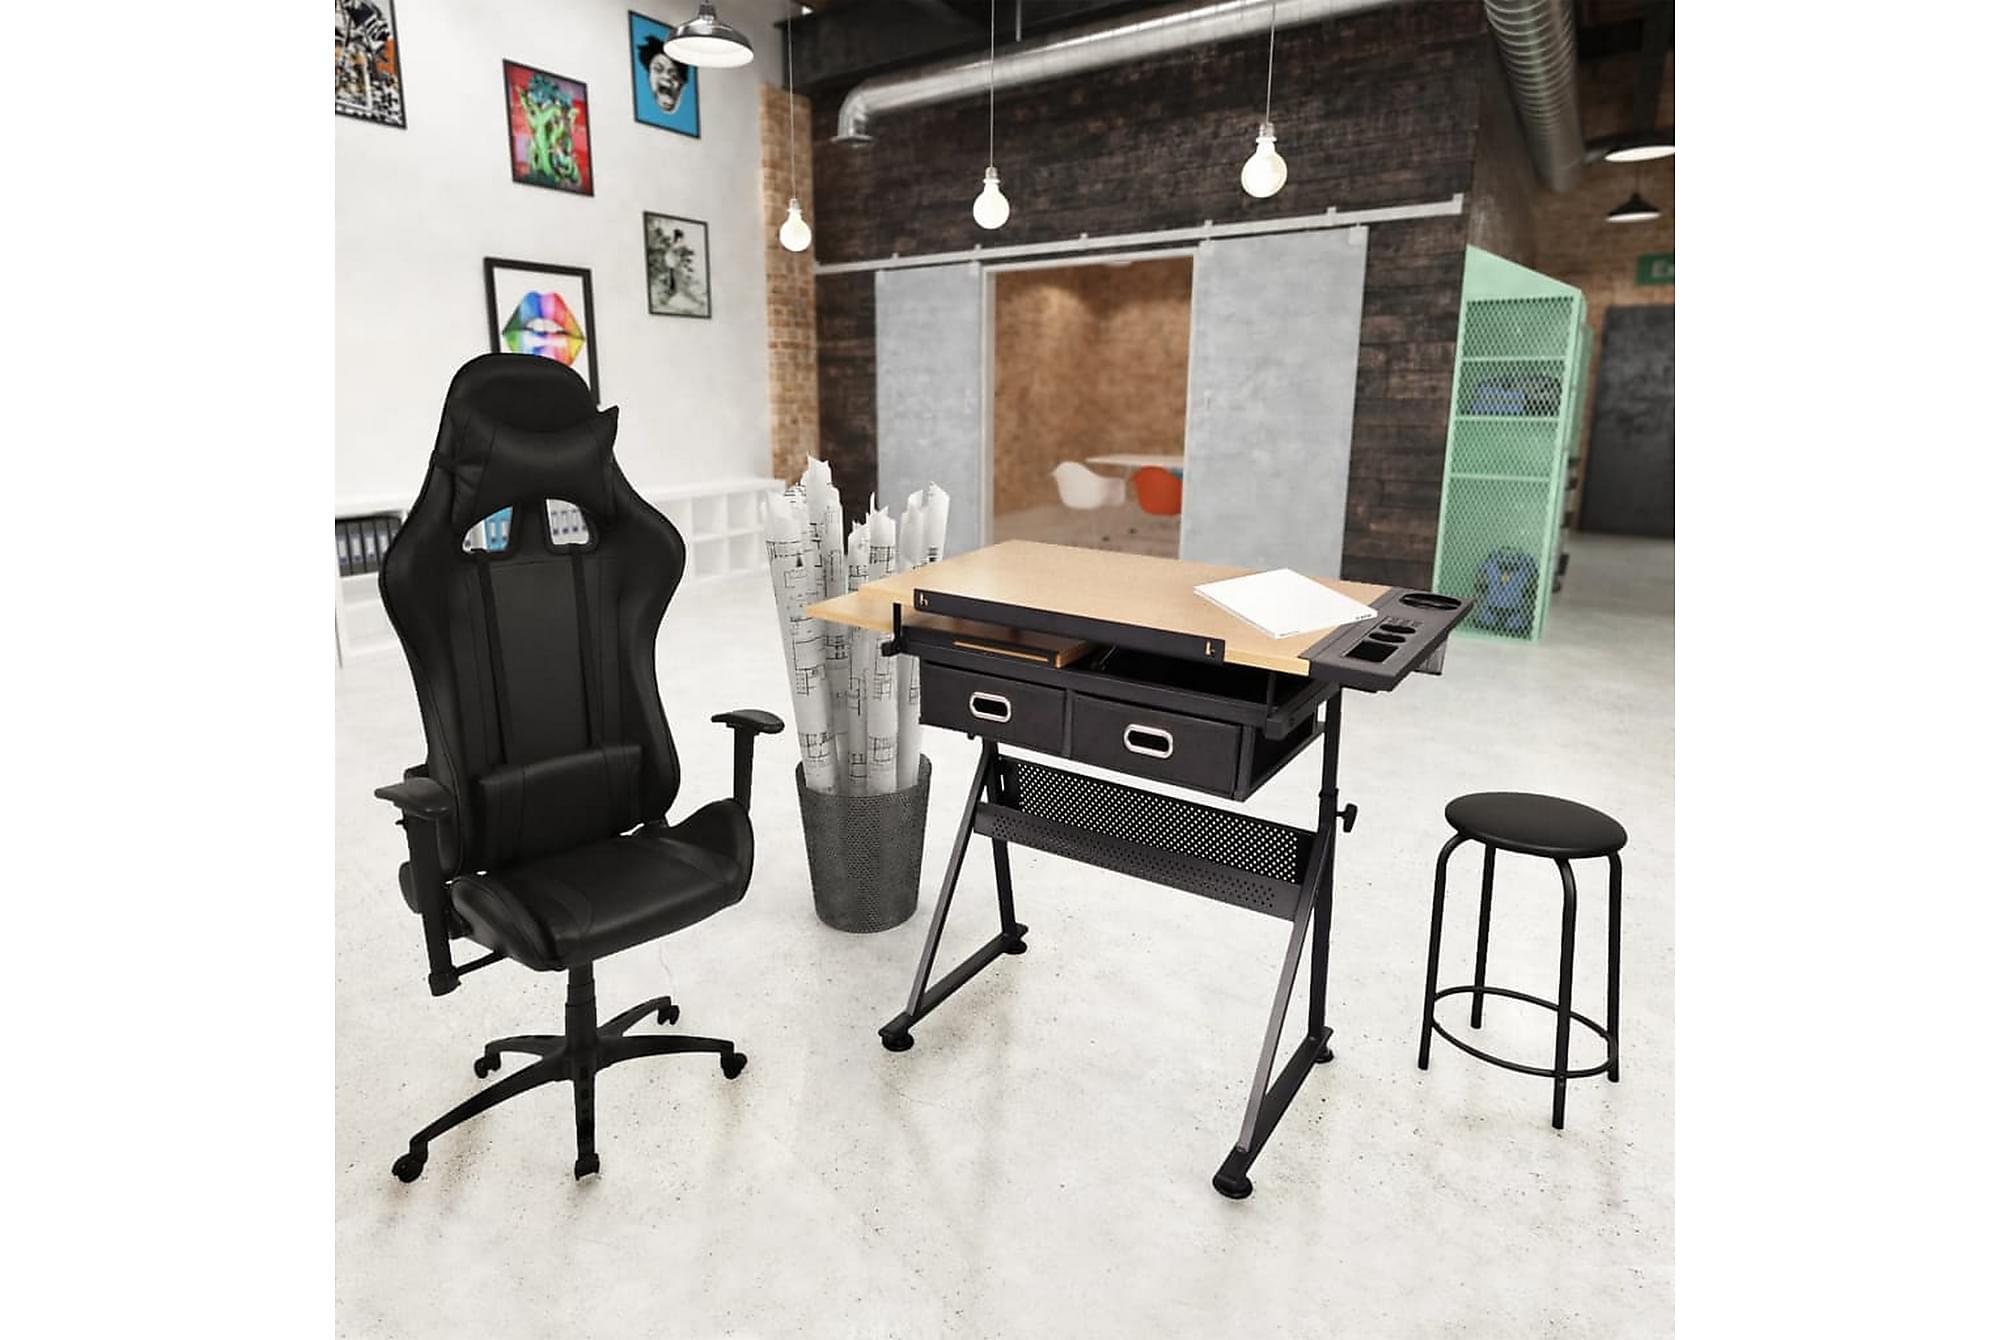 Ritbord med justerbar bordsskiva och racing kontorsstol